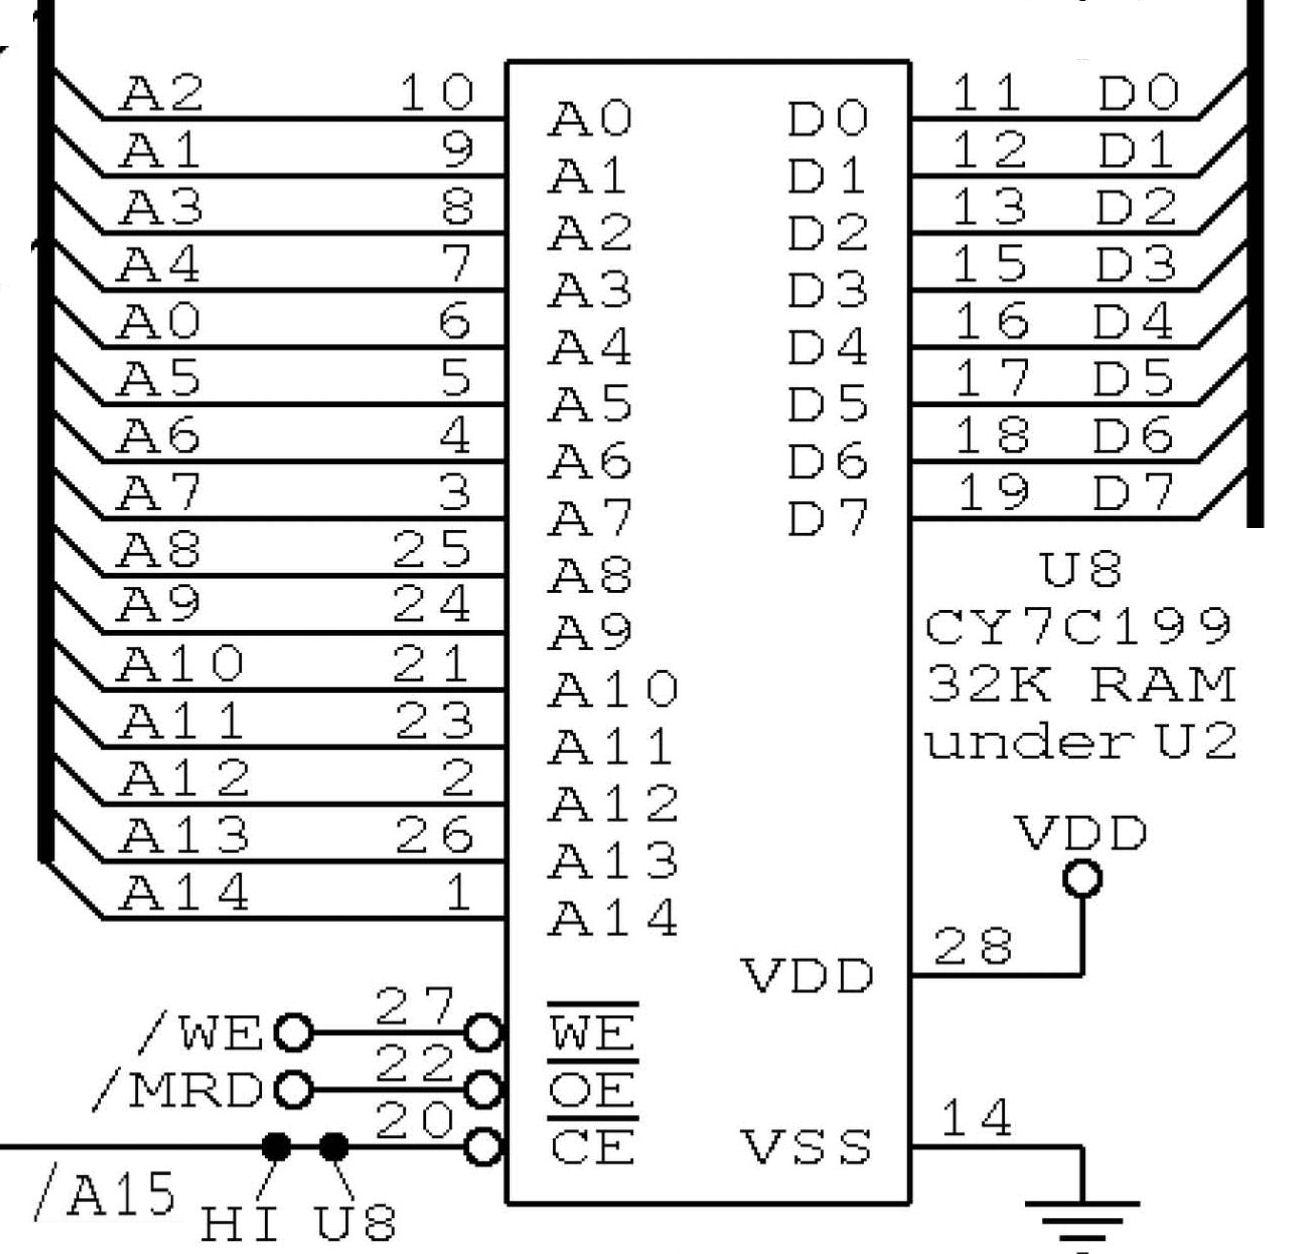 1802 M/S Card, U8 narrow ROM tests